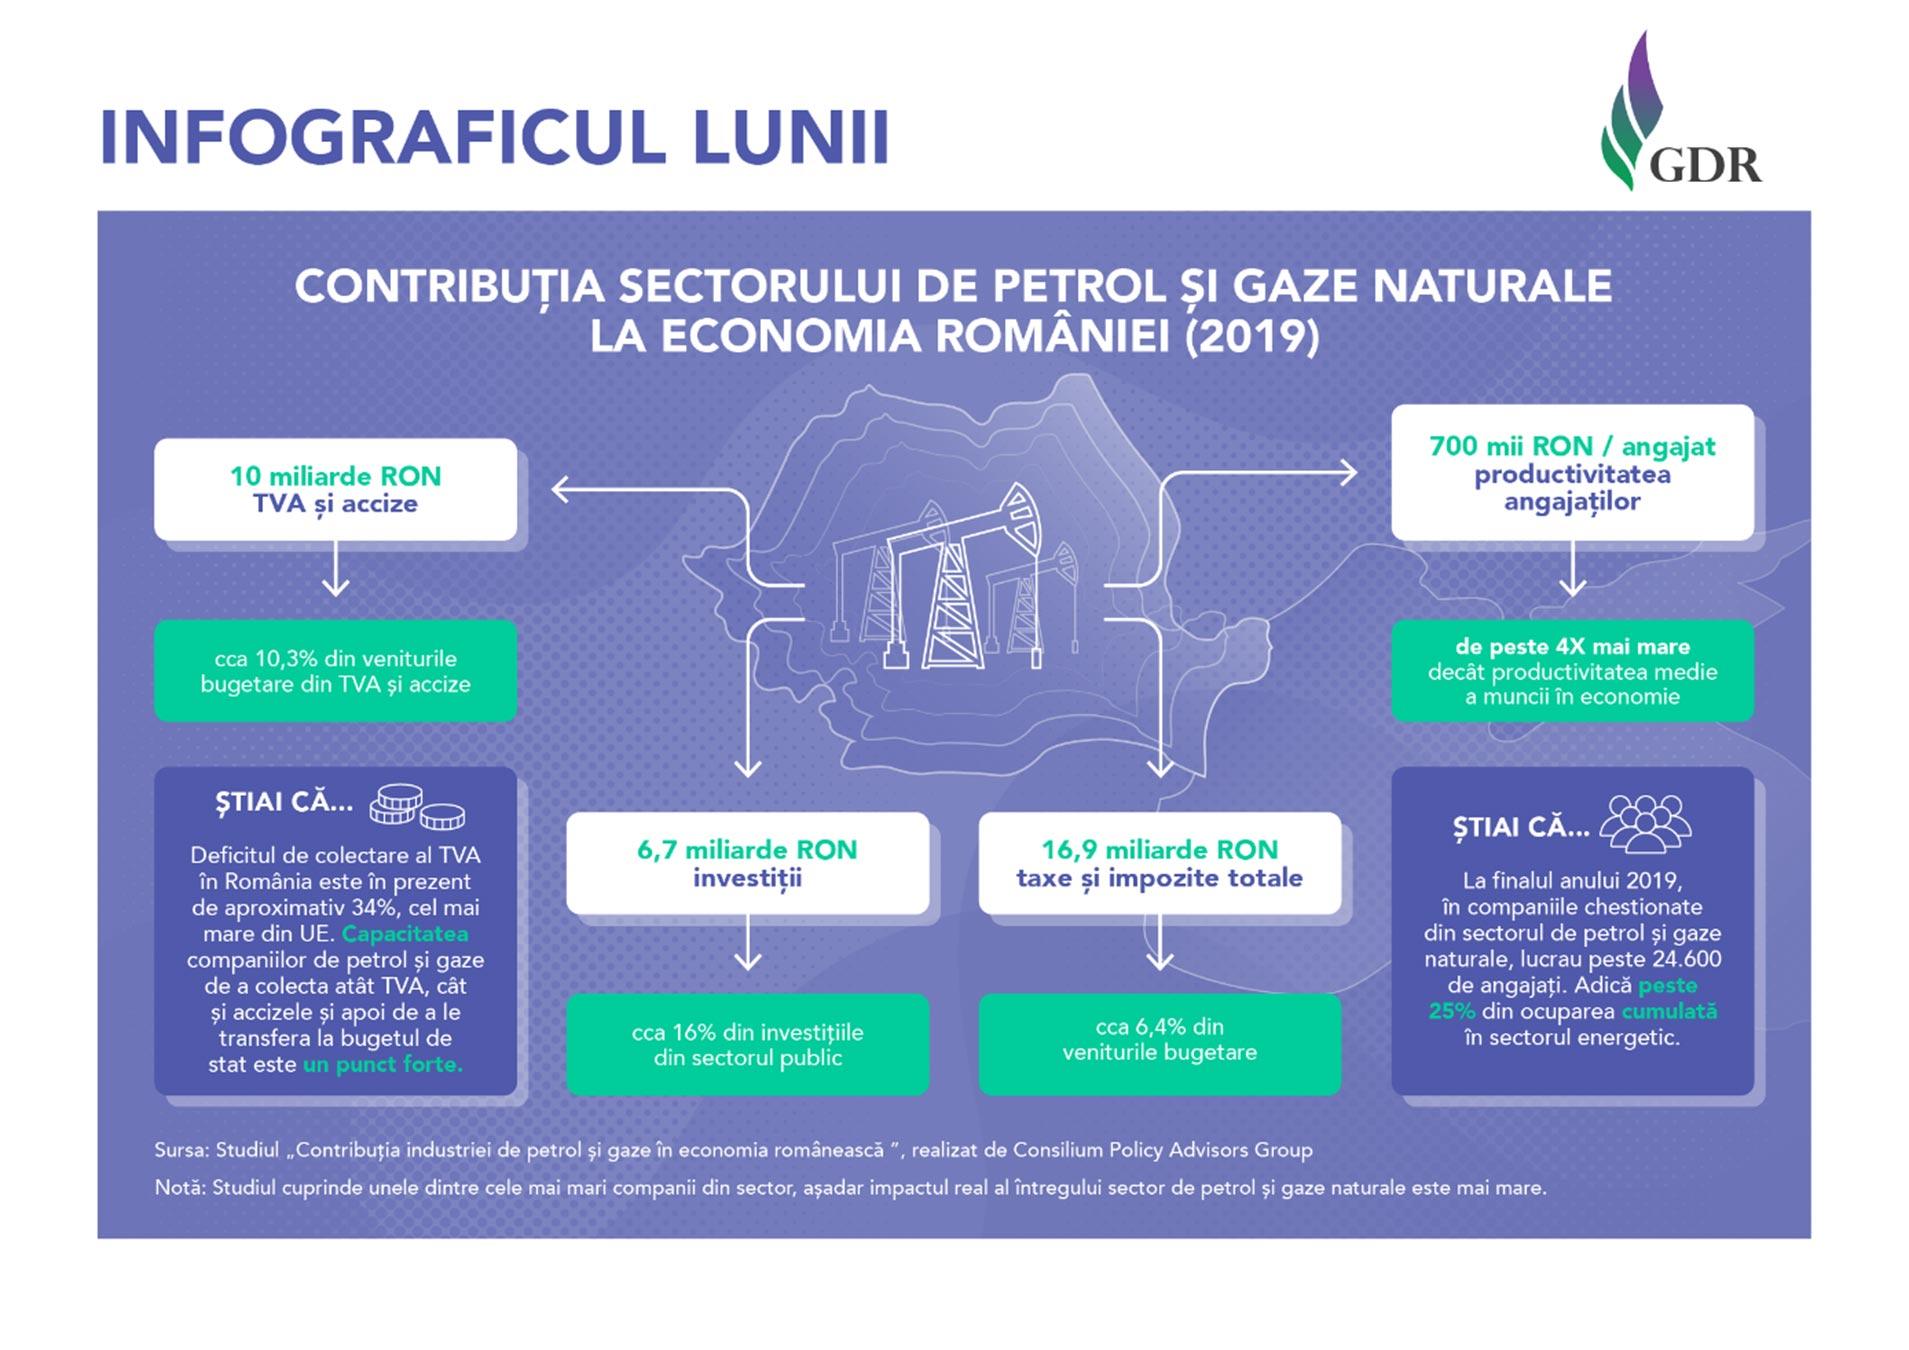 GDR_infografic_Contributia sectorului de petrol si gaze naturale la economia Romaniei (2019)